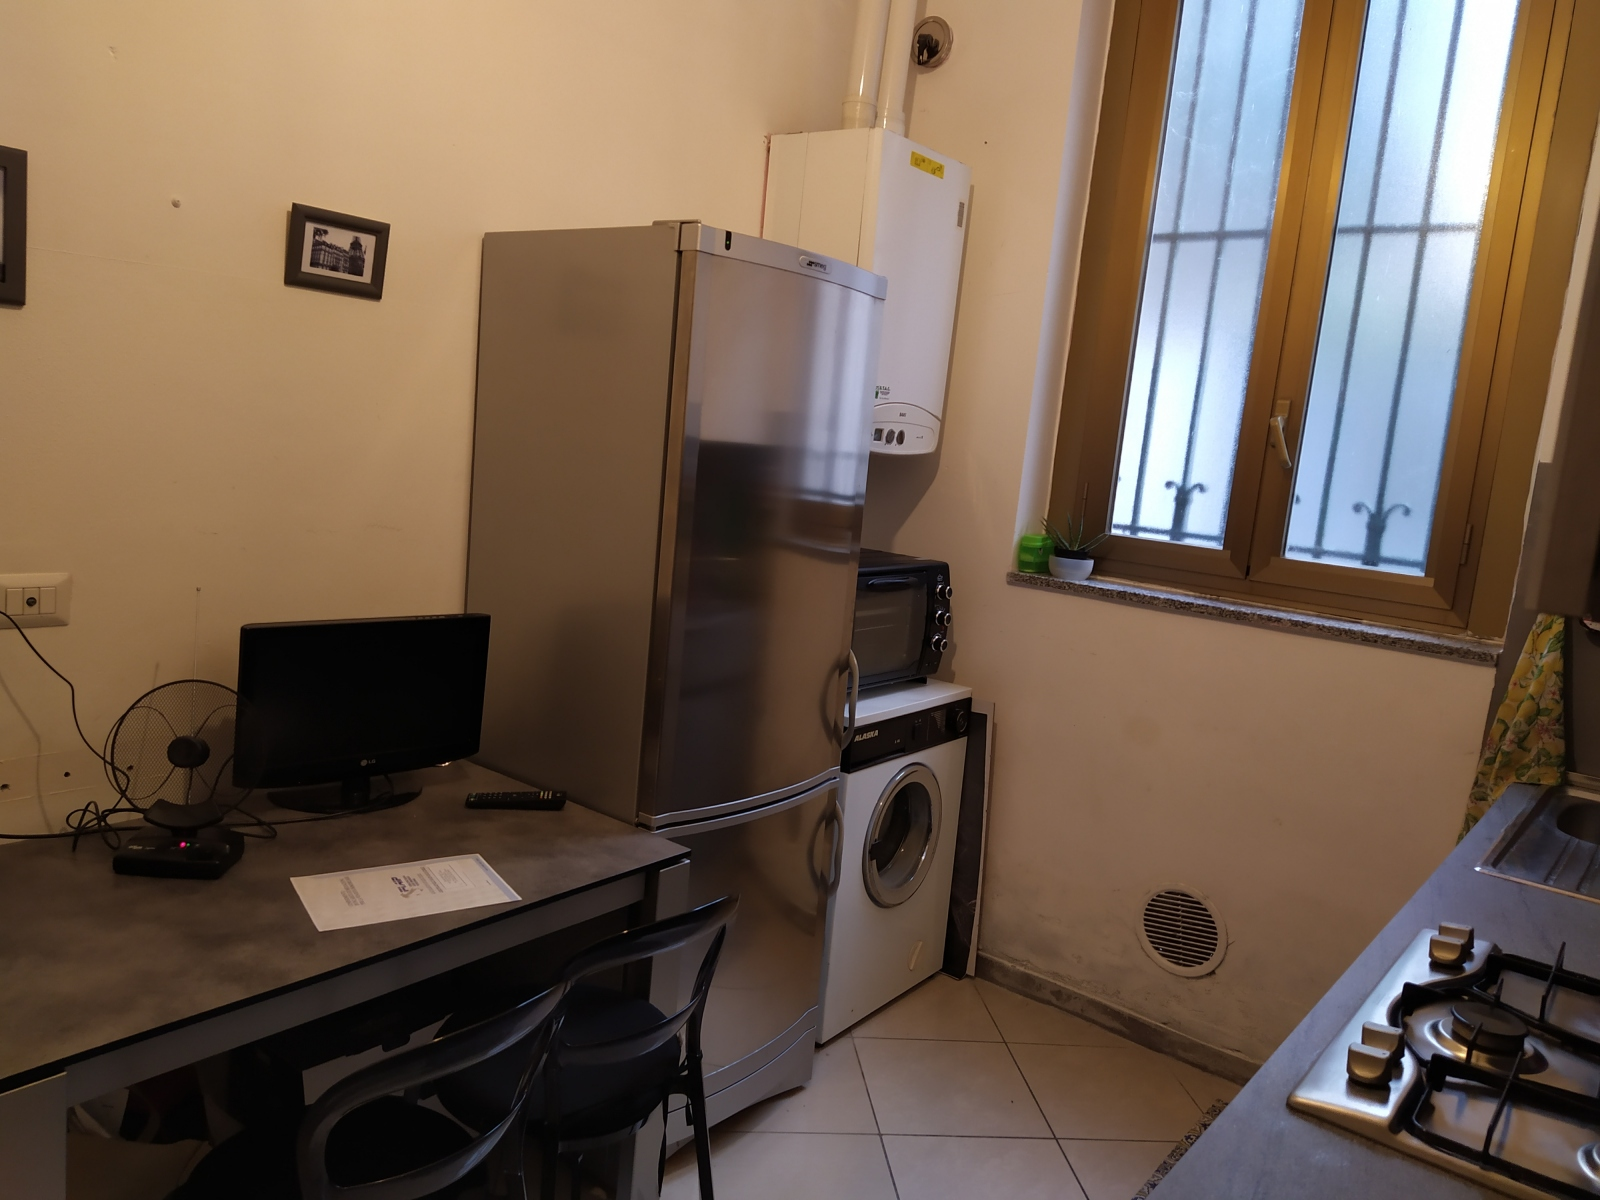 tre-locali-milano-ingresso-indipendente-spaziourbano-immobiliare-dove-trovi-casa-vendita-affare-8